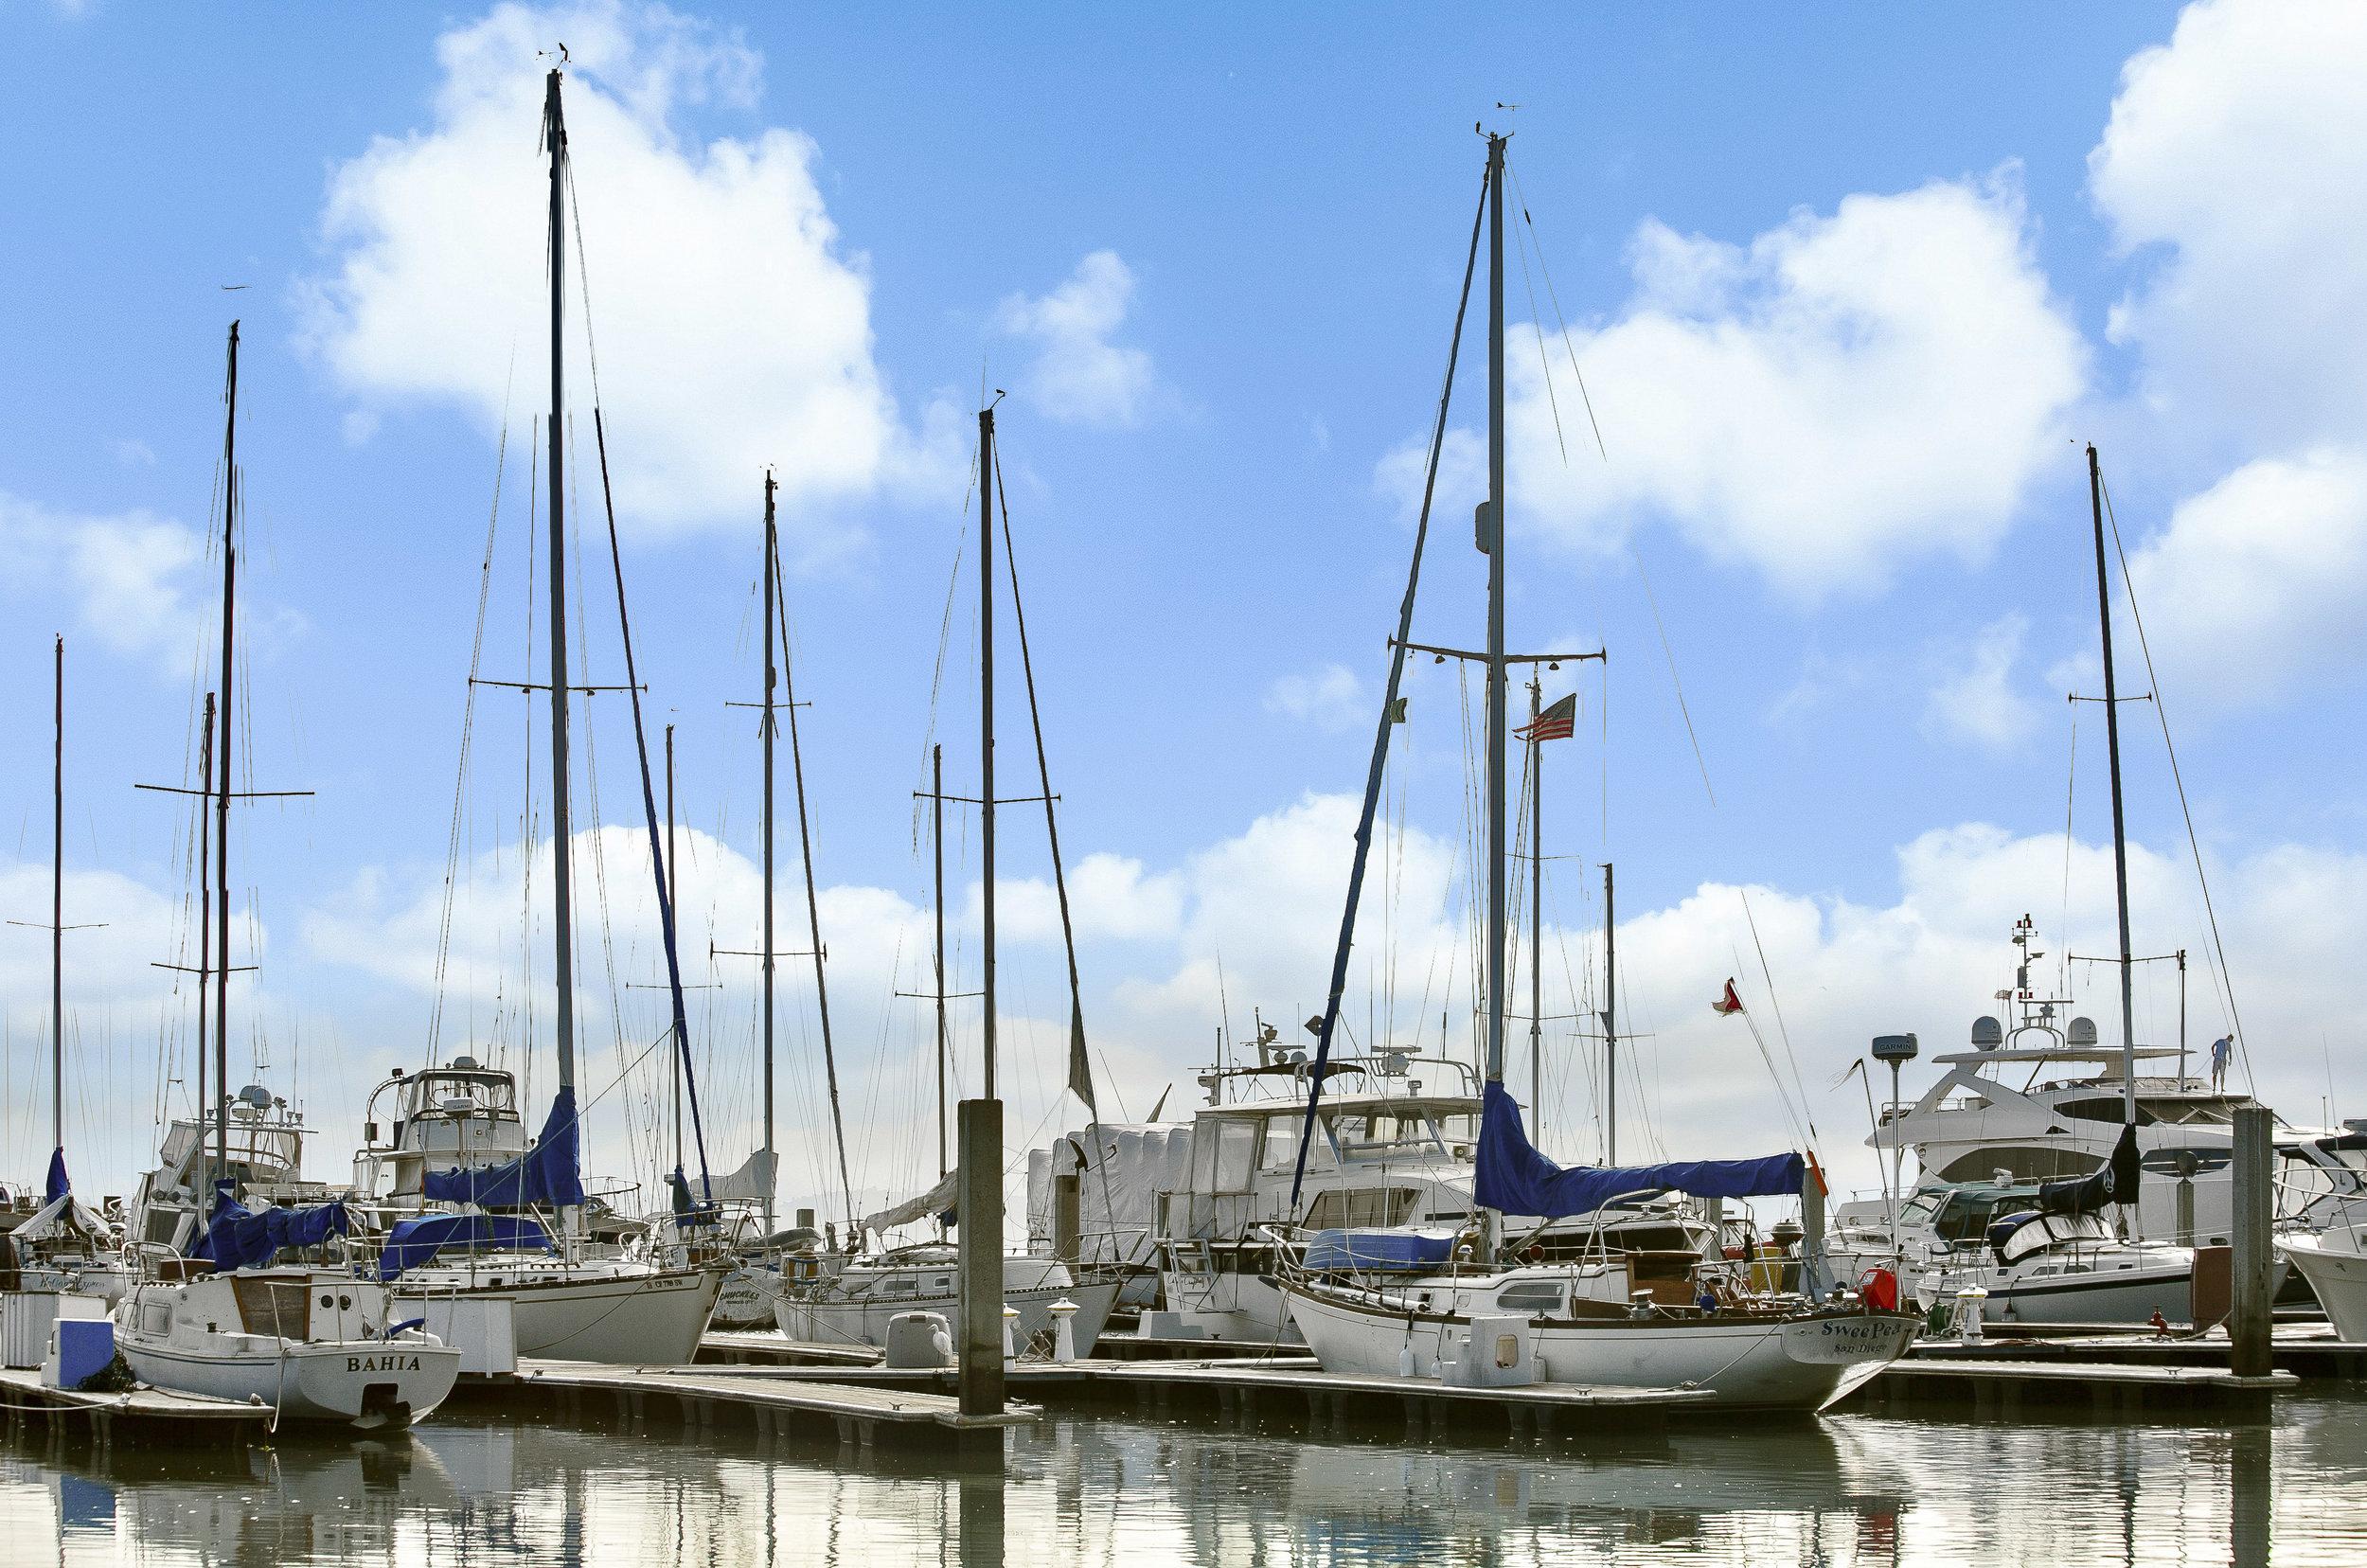 Paradis-Cay-Yacht-Harbor (2 of 10).jpg